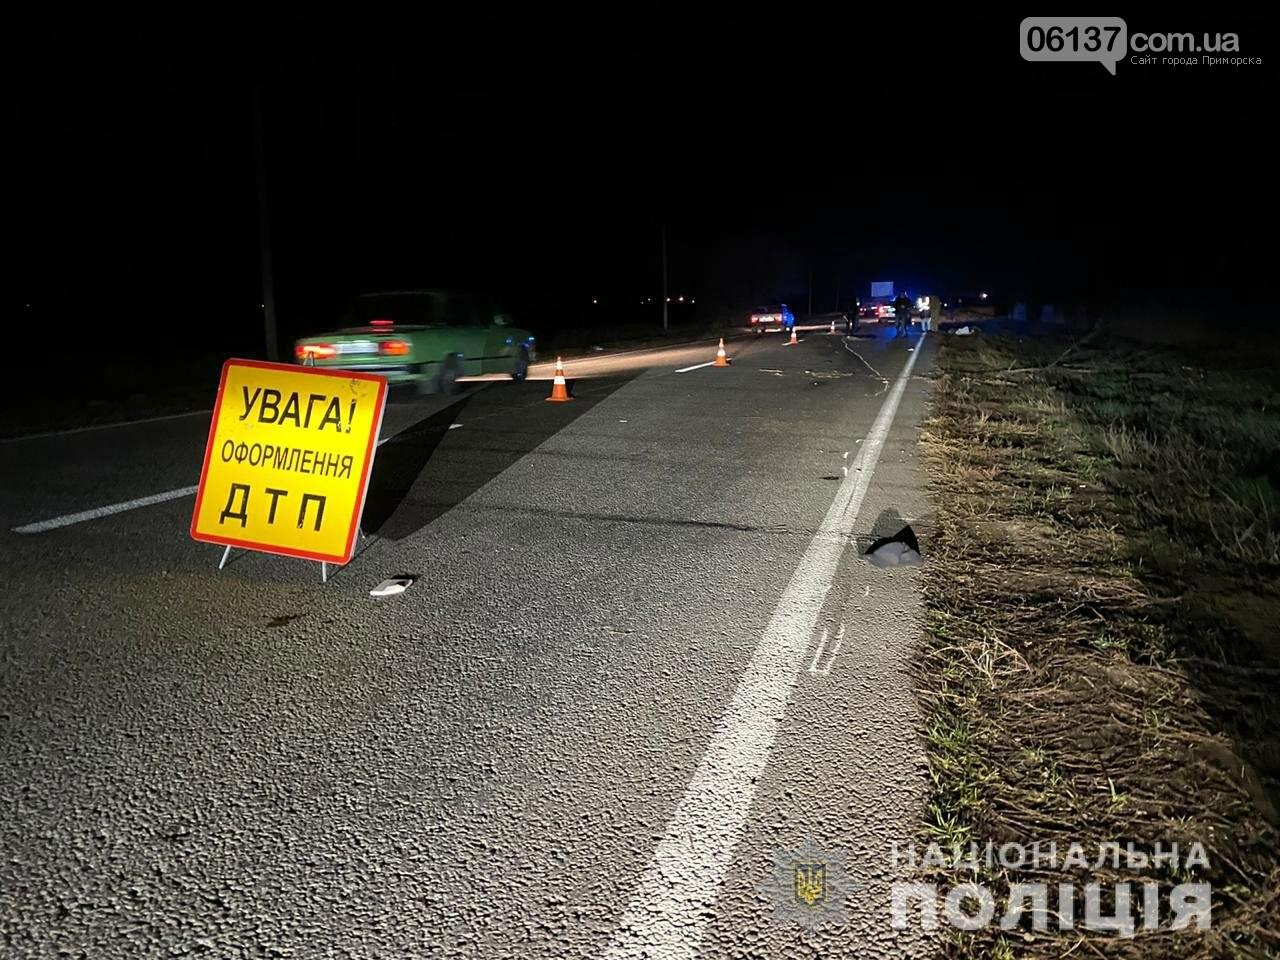 На запорожской трассе пьяный водитель «Audi» сбил насмерть велосипедиста. Фото, фото-1